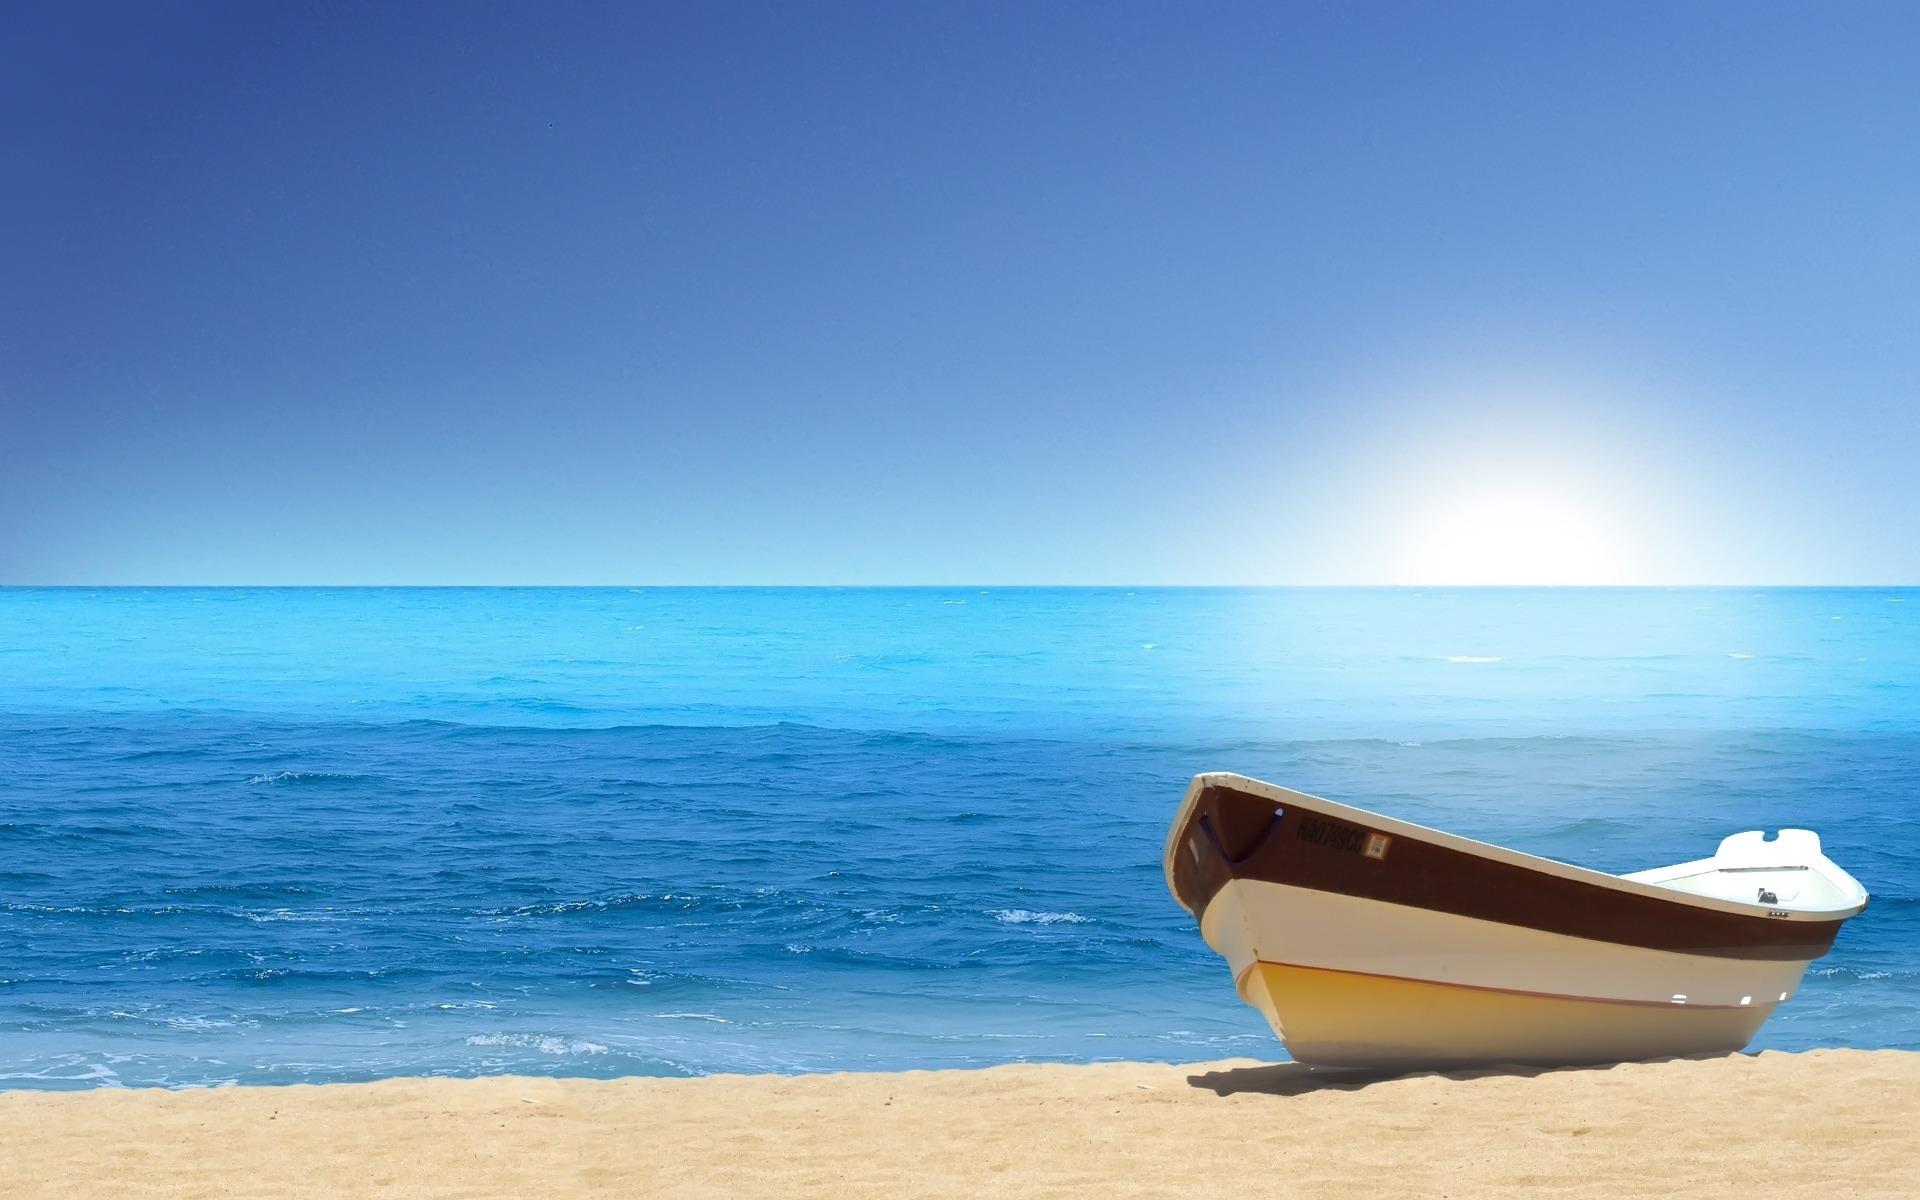 Sunny Beaches Wallpaper - Sunny B